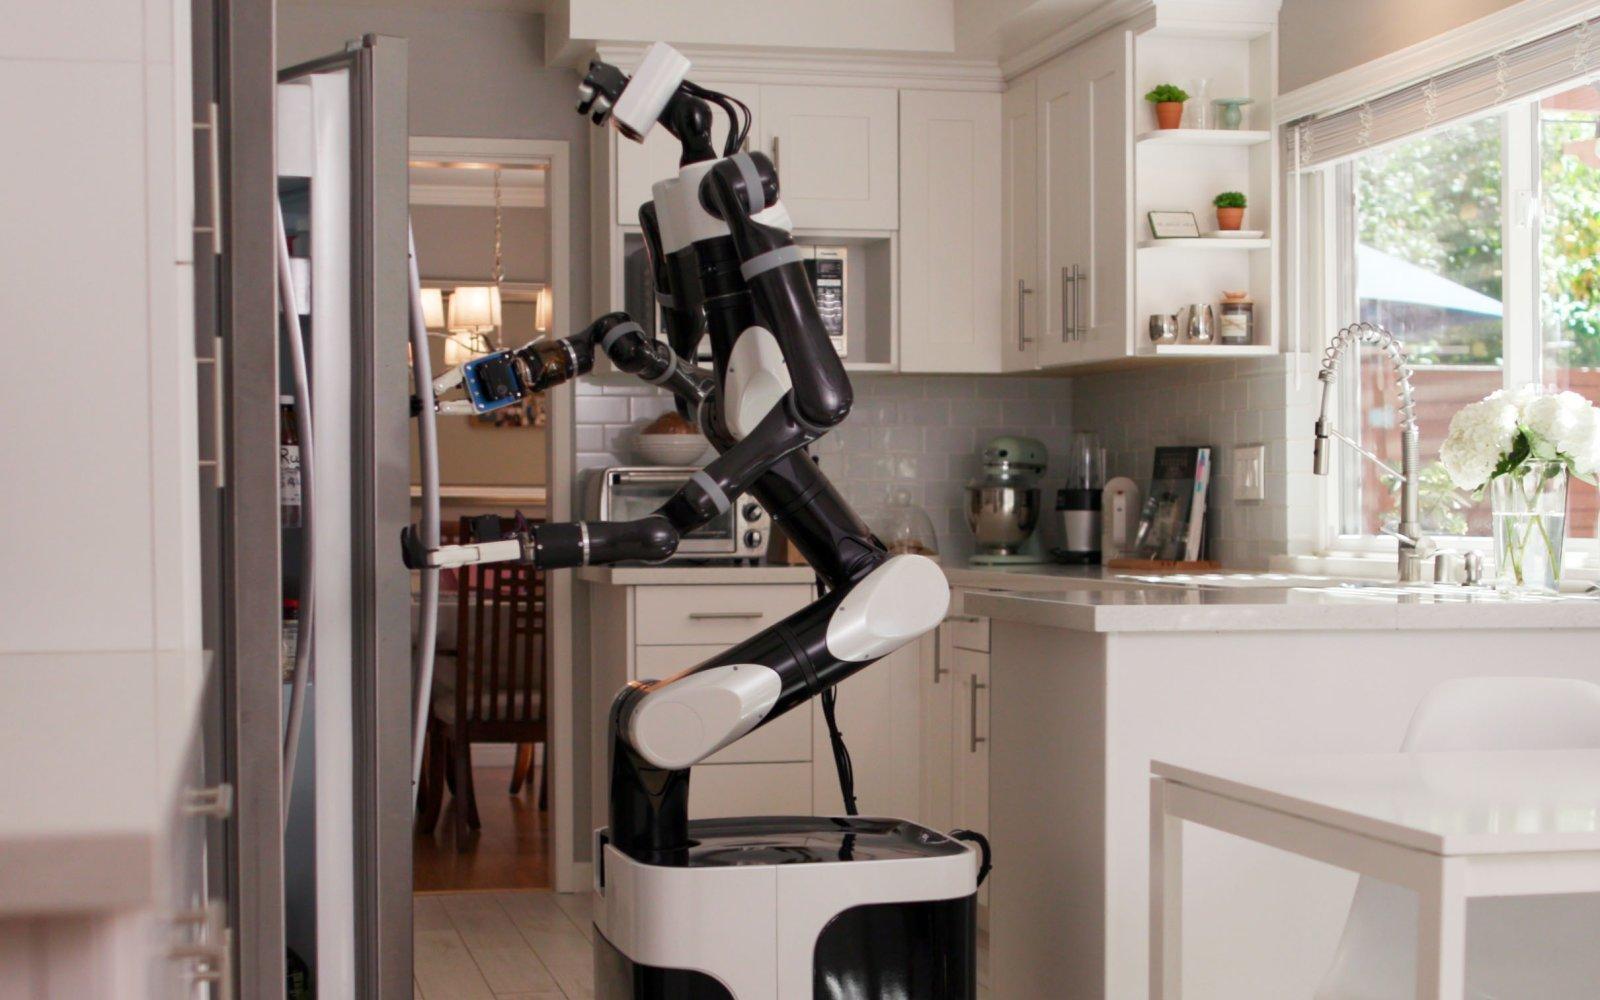 Toyotak adimen artifiziala etxeko robotak entrenatzen ditu